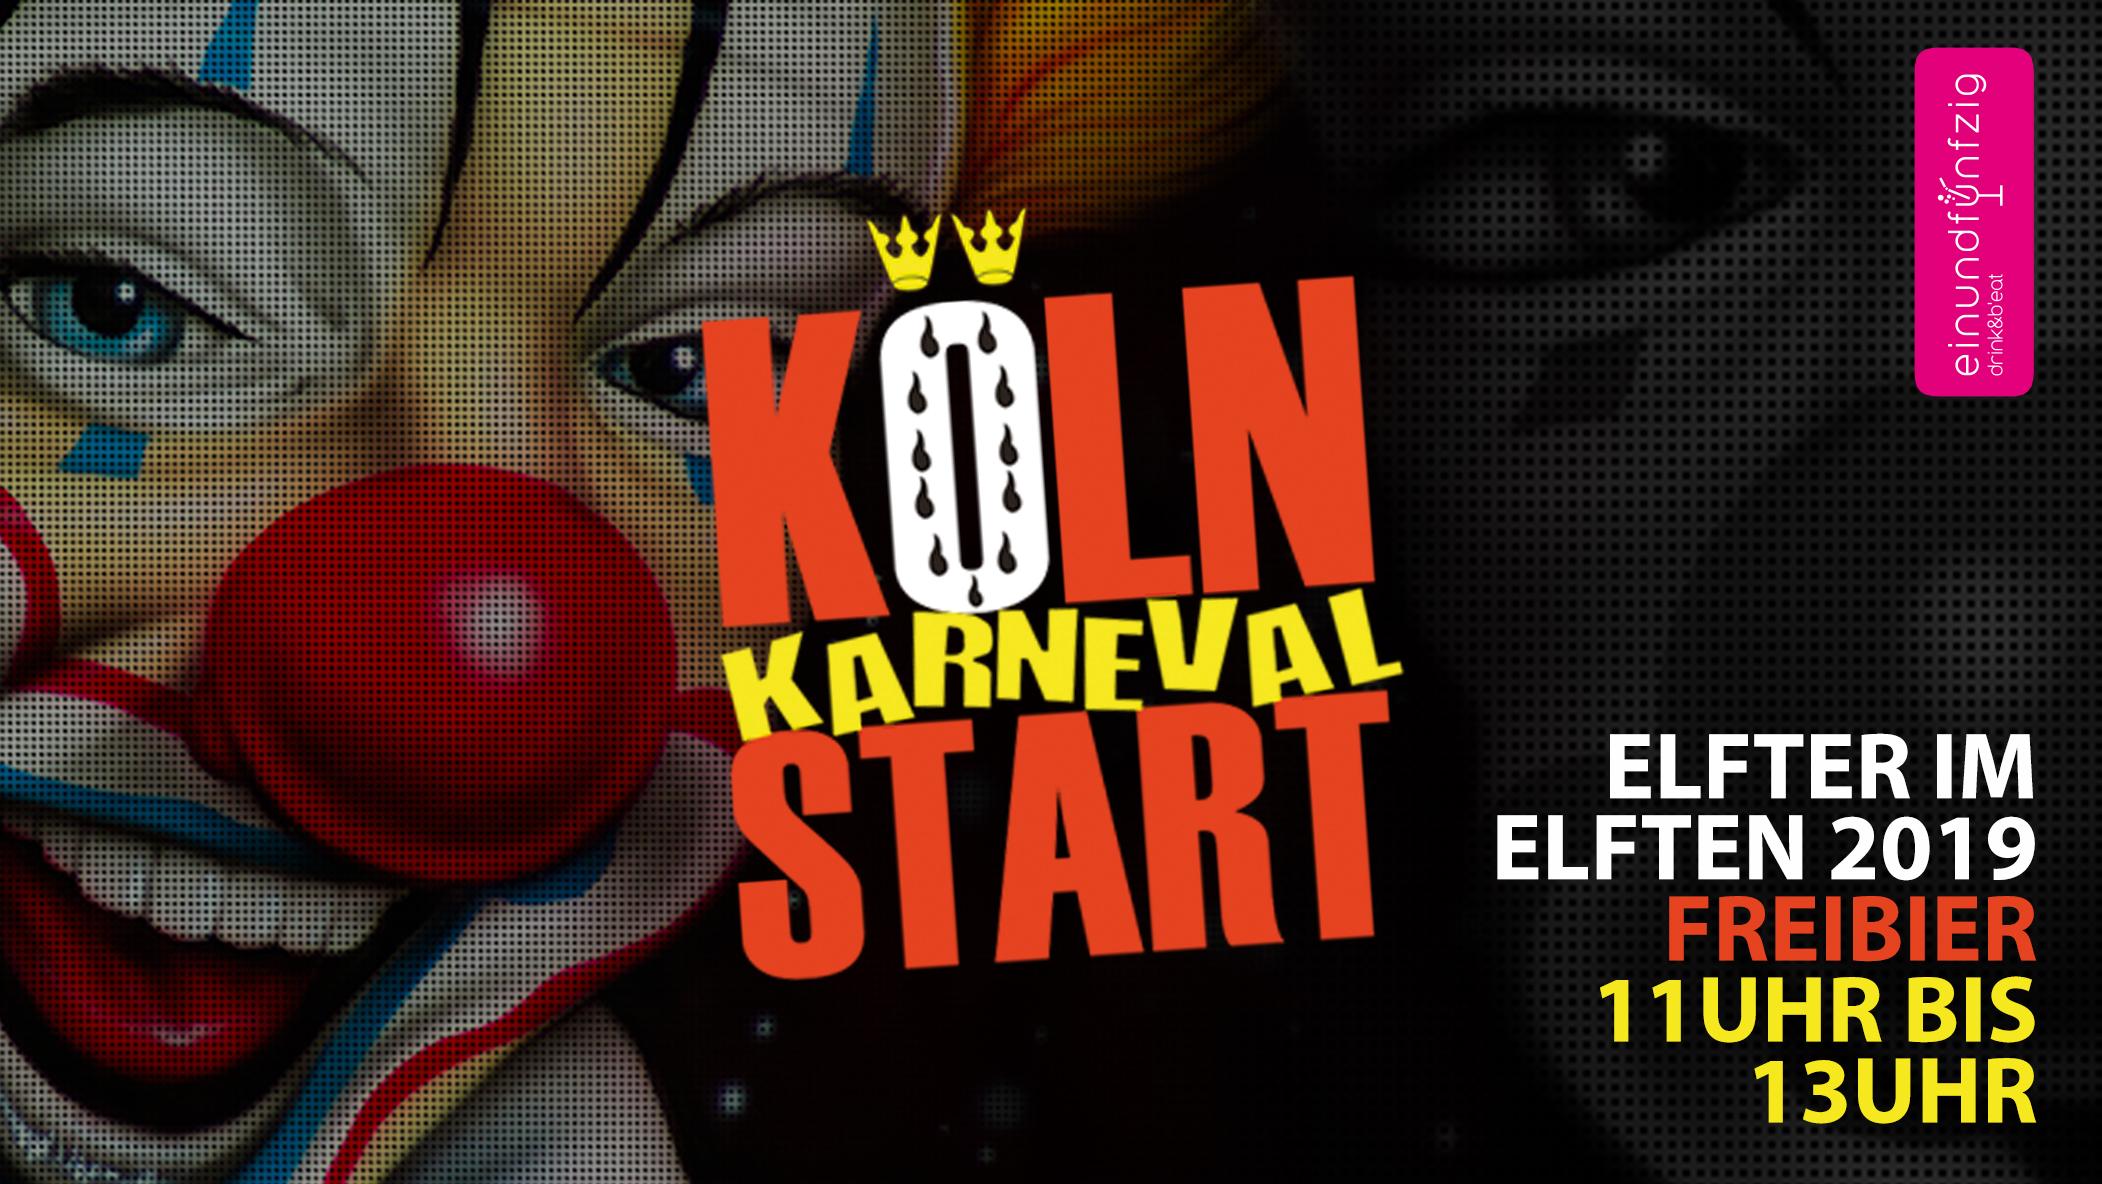 11.11.2019 - KÖLN - KARNEVAL - START